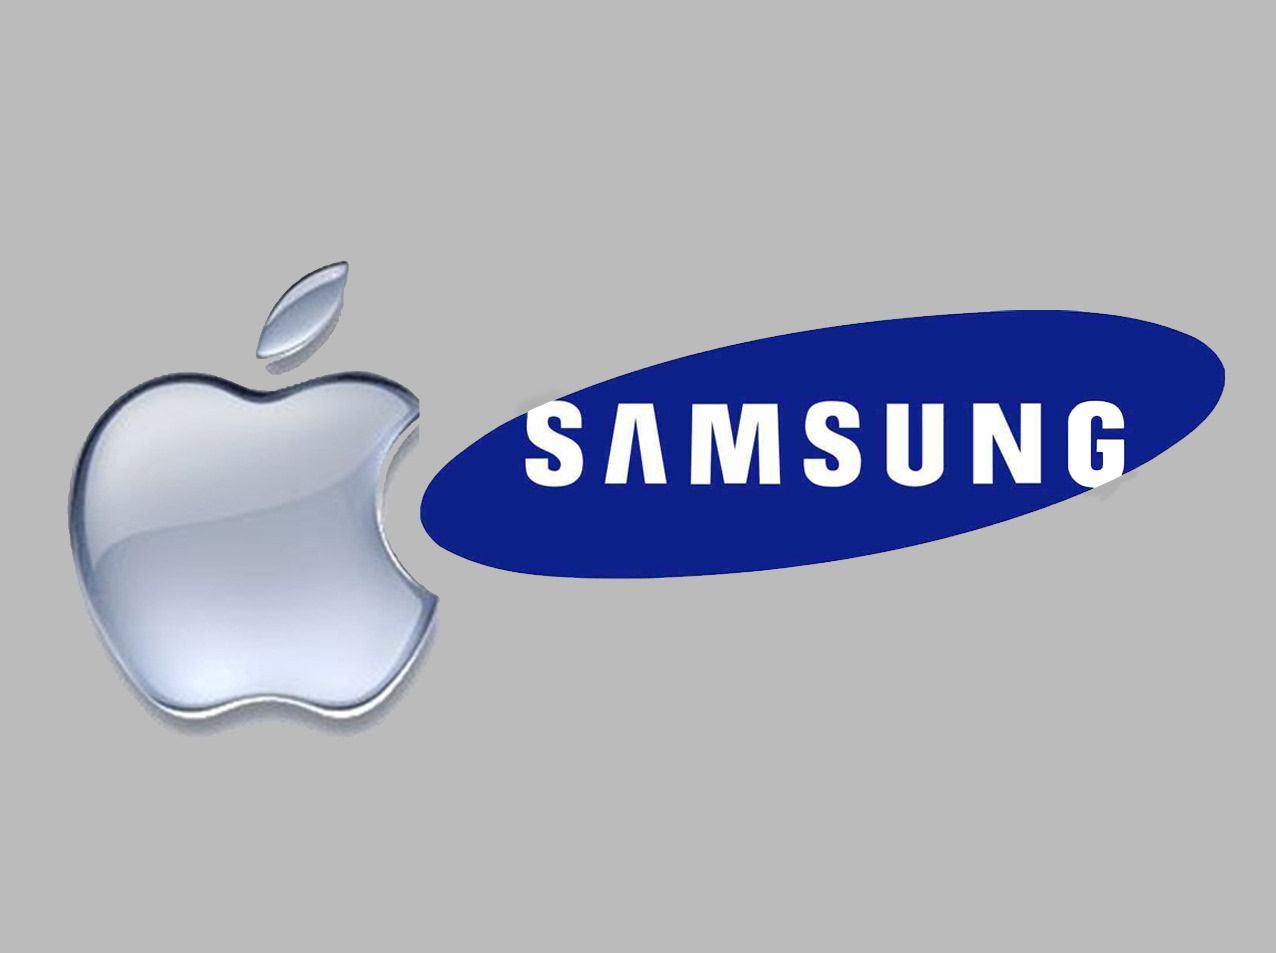 三星苹果Q2业绩大比拼:营收、盈利相差无几